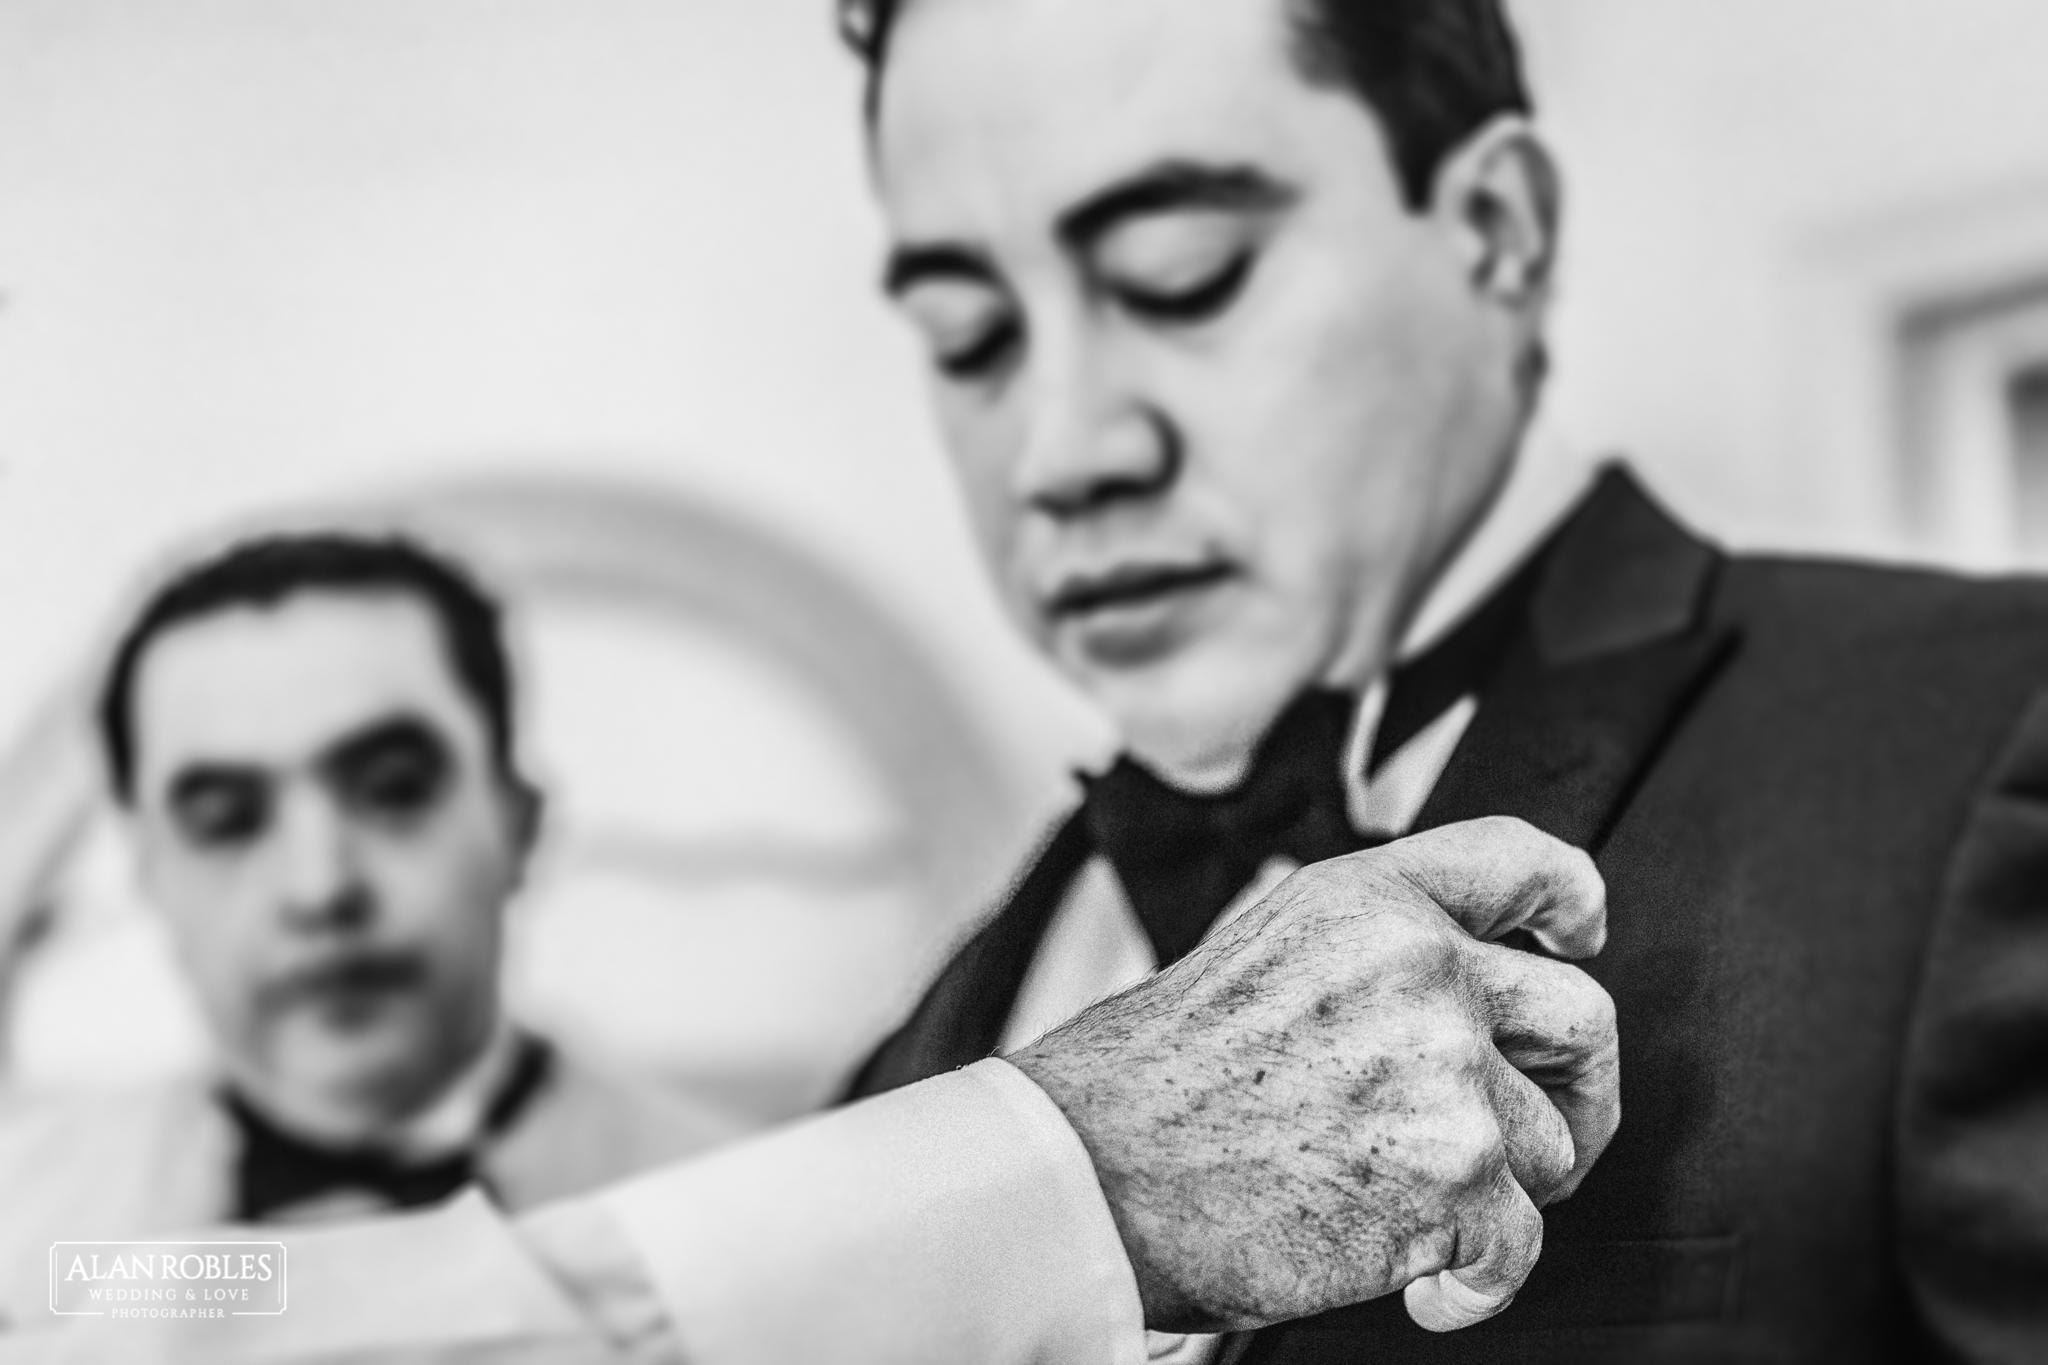 Getting Ready del novio, fotografia de bodas en Blanco. Alan Robles, fotografo de Bodas en Guadalajara.